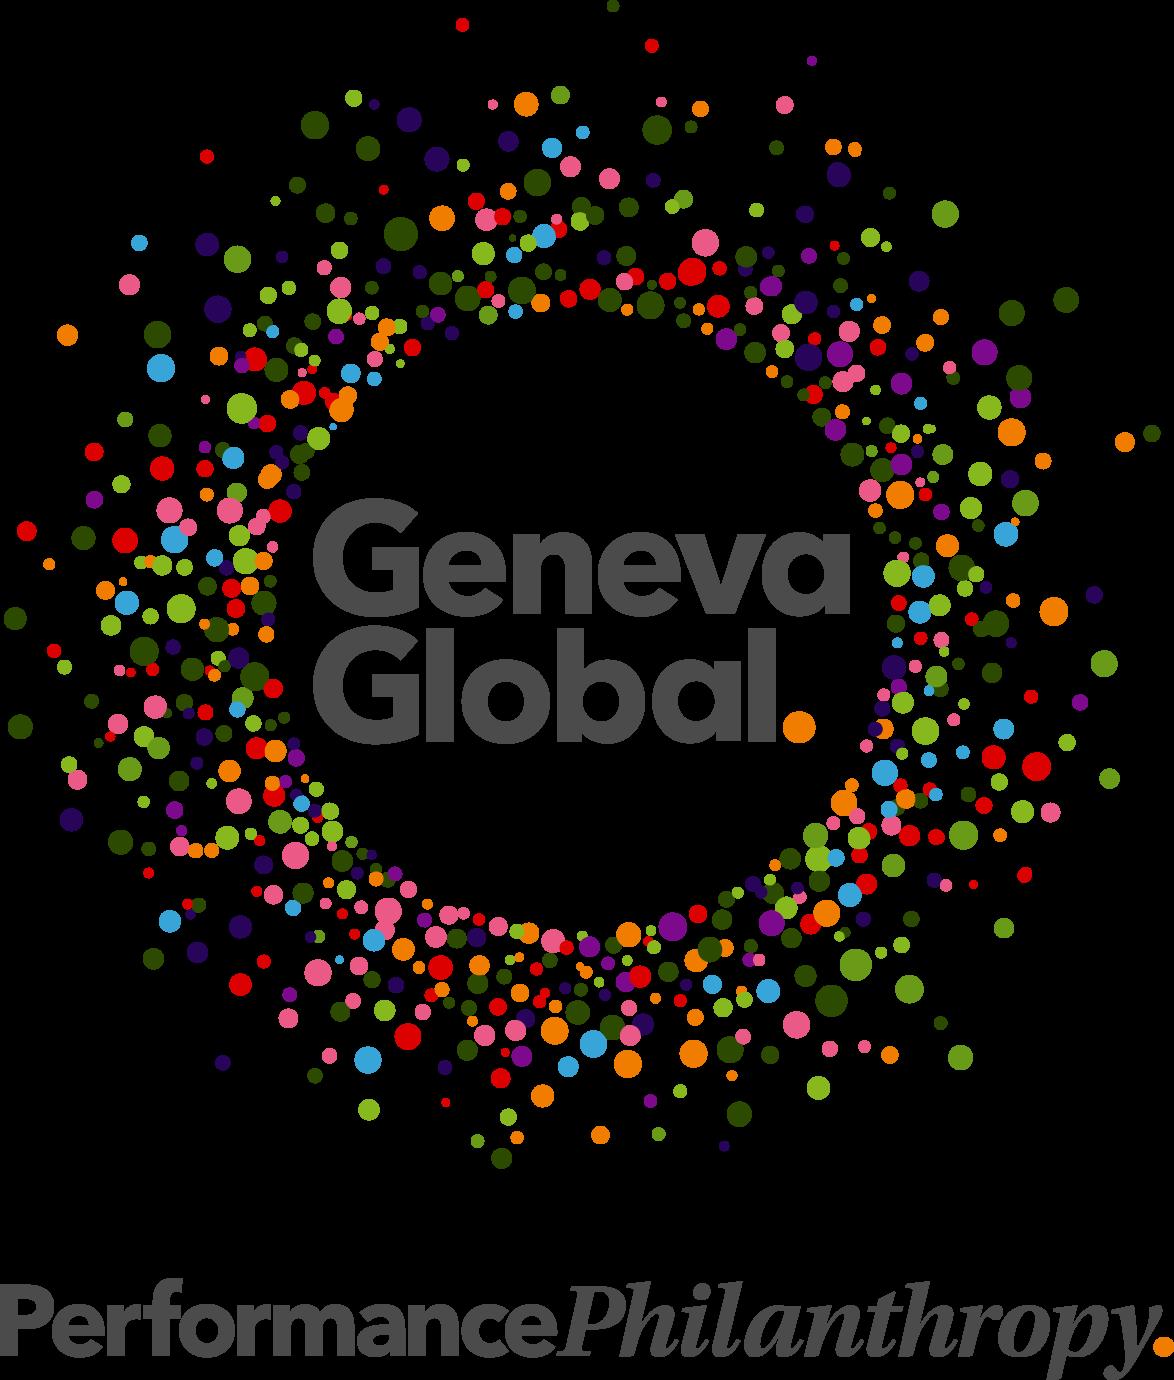 Geneva Global's Logo